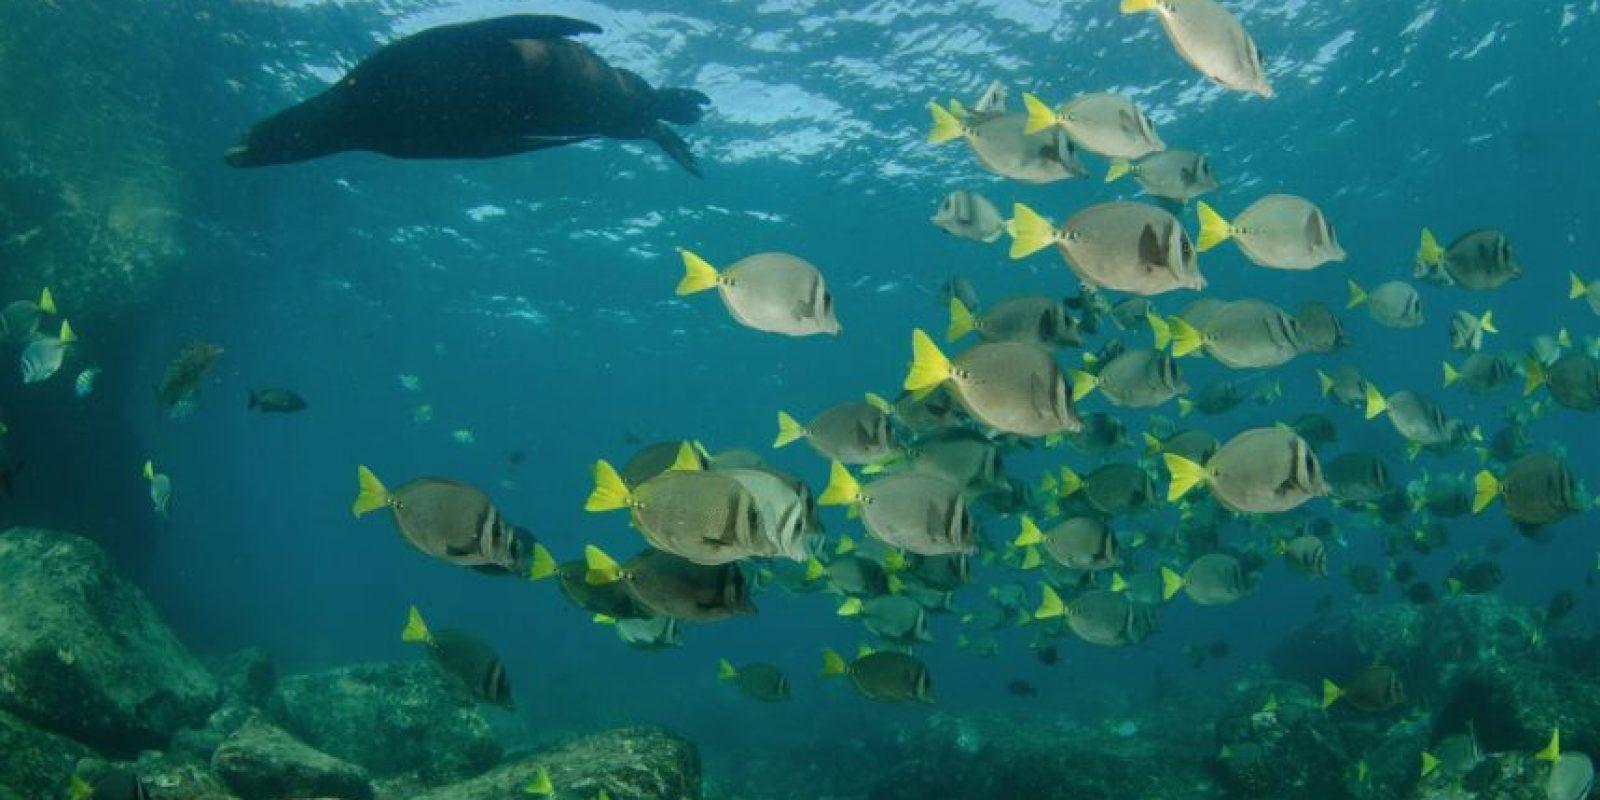 La región tiene una gran variedad de especies marinas. Foto:Dreamstime